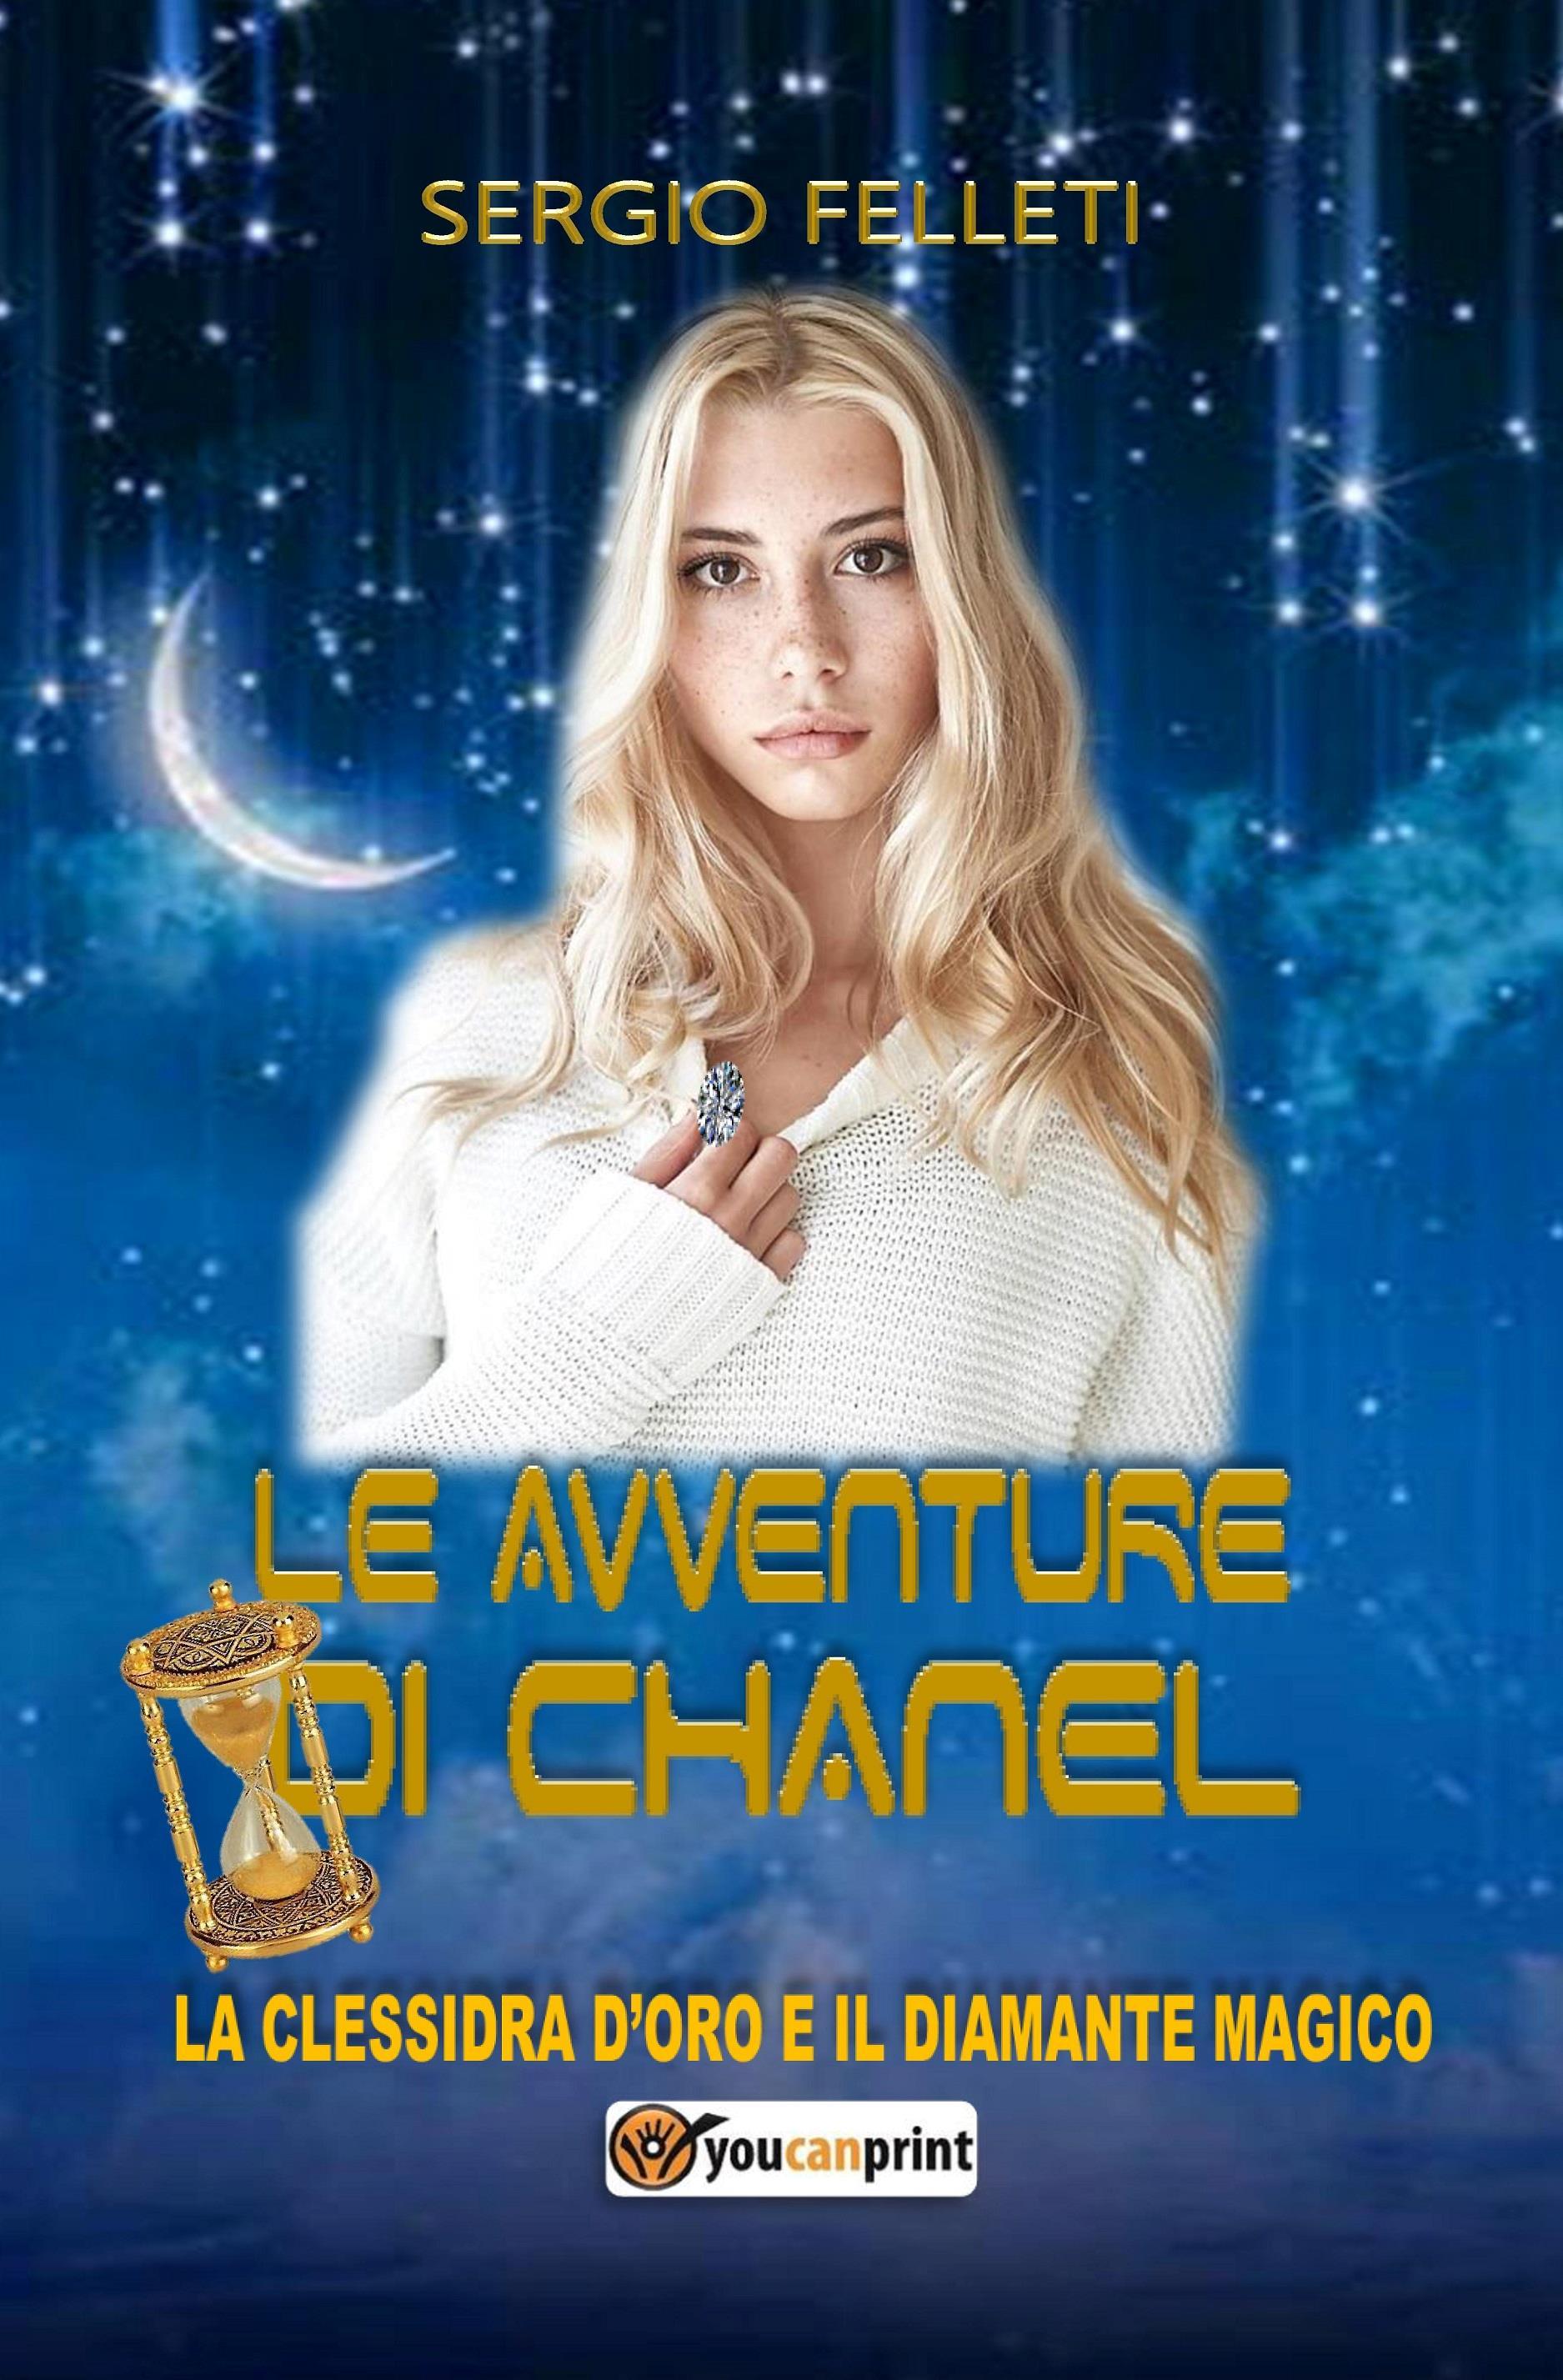 Le avventure di Chanel